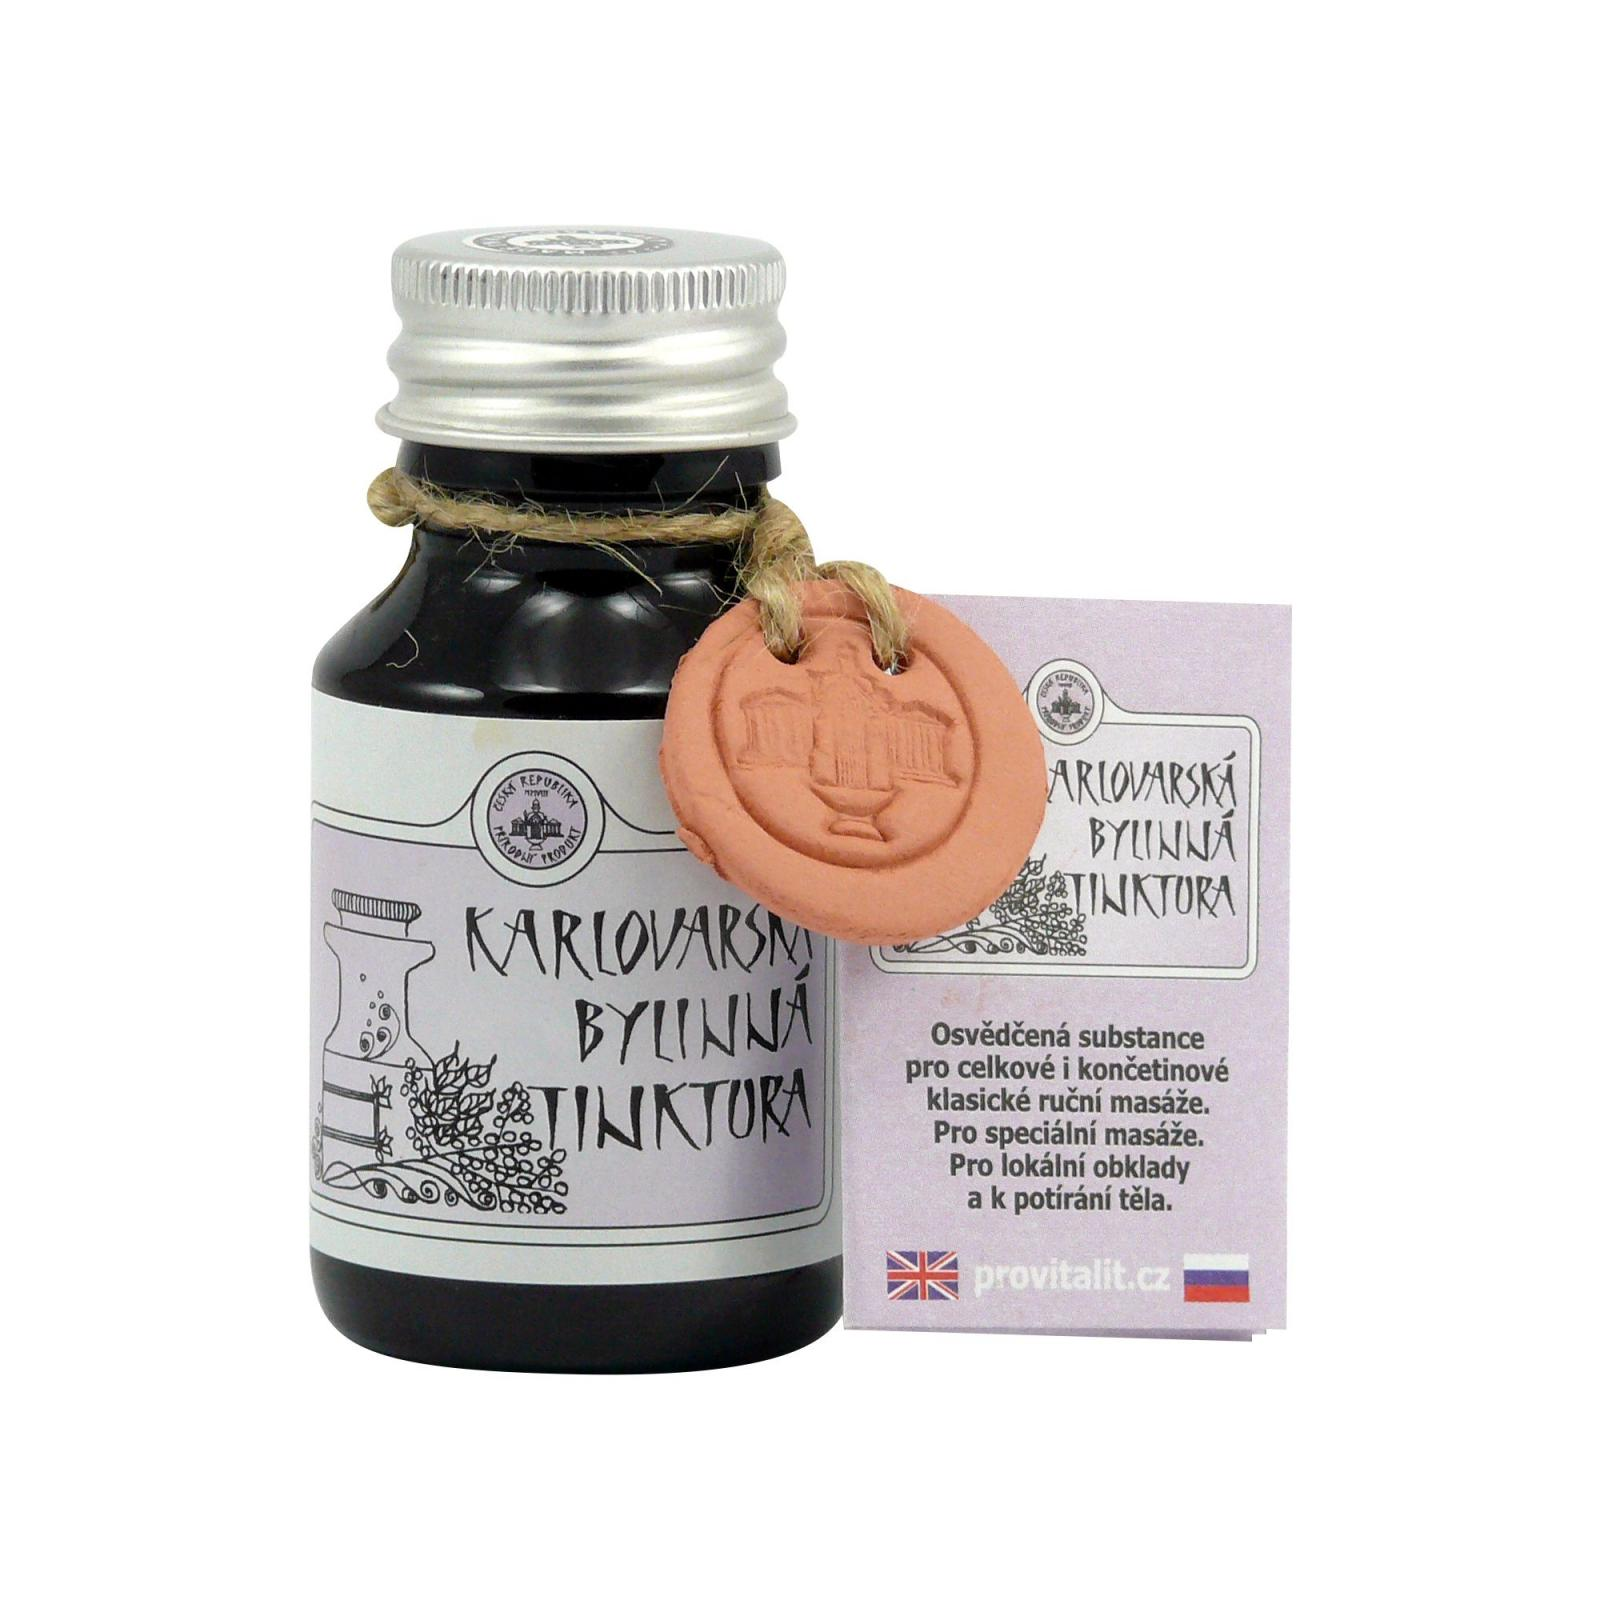 Karlovarské Bahenní Lázně Karlovarská bylinná tinktura 50 ml